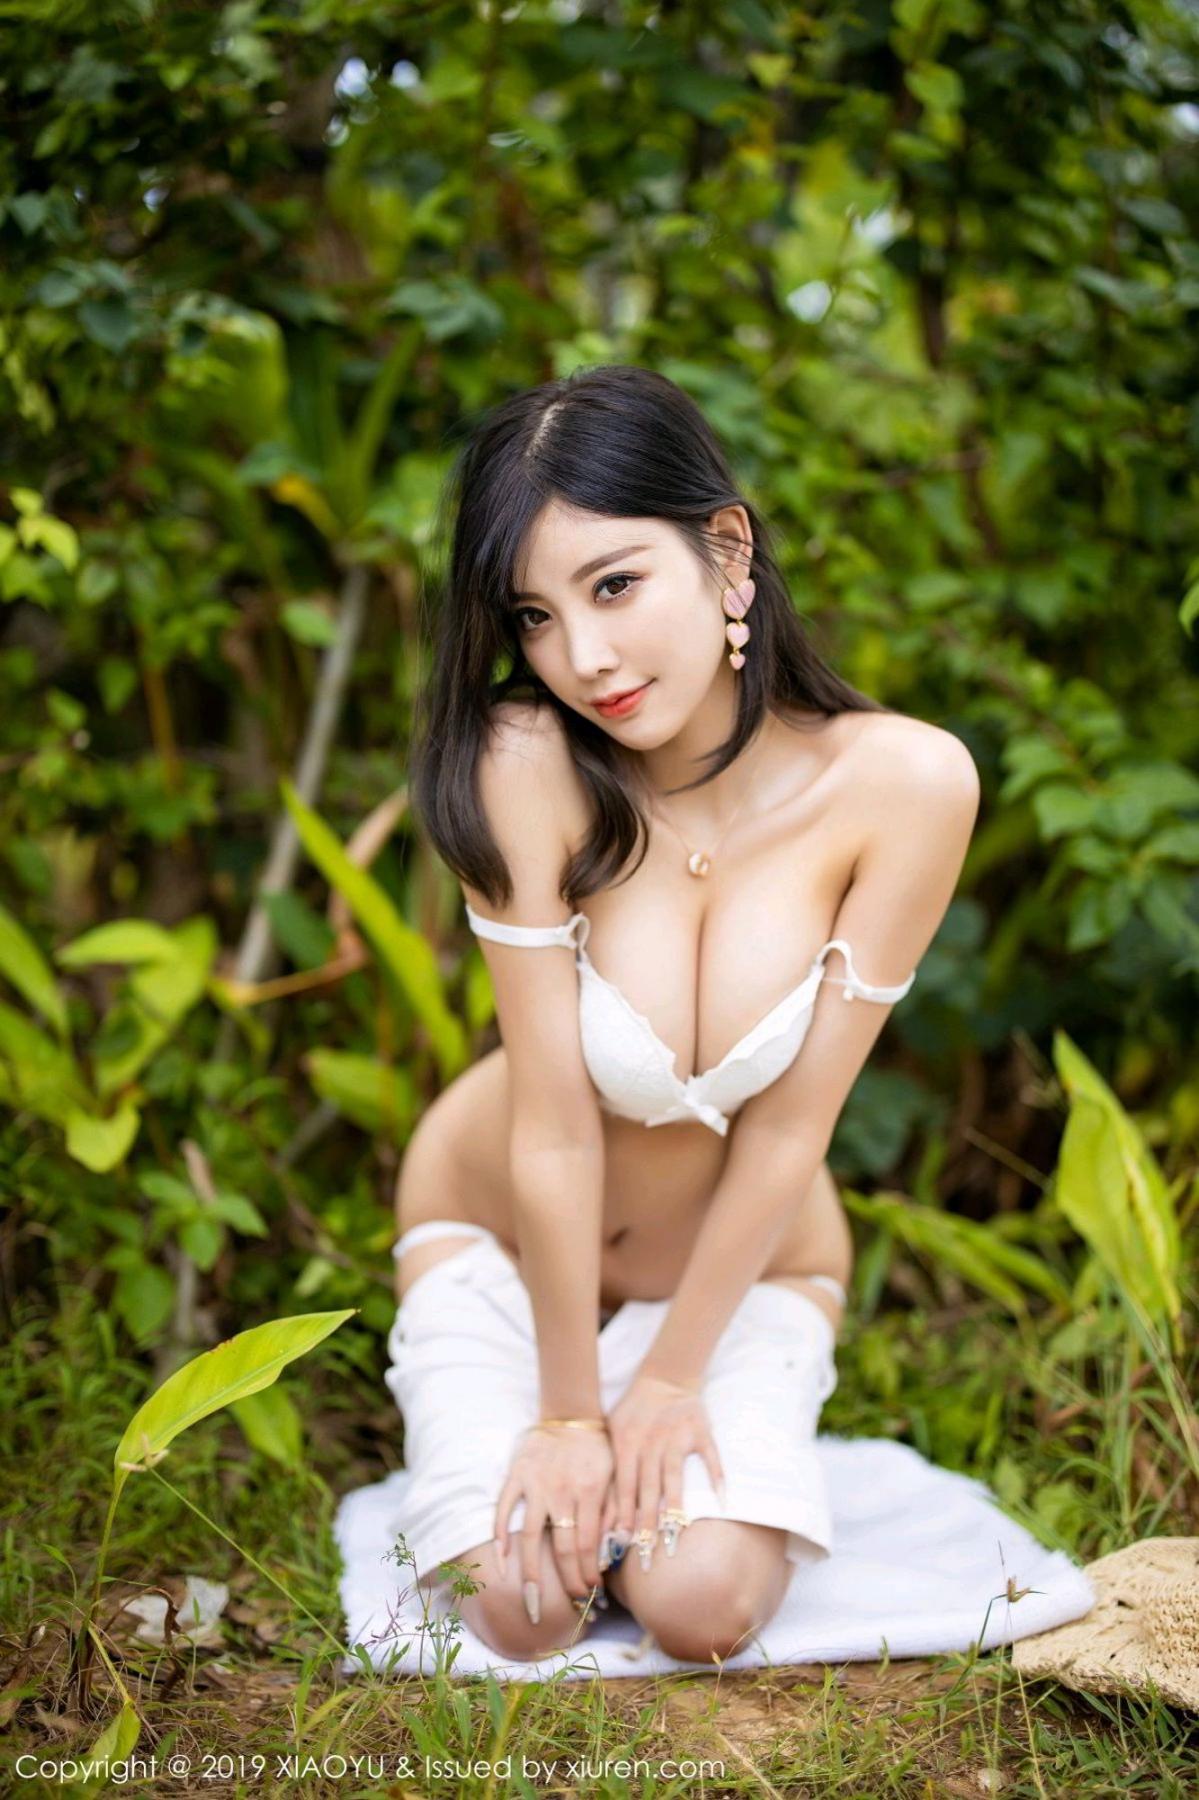 [XiaoYu] Vol.169 Yang Chen Chen 57P, Outdoor, Underwear, XiaoYu, Yang Chen Chen